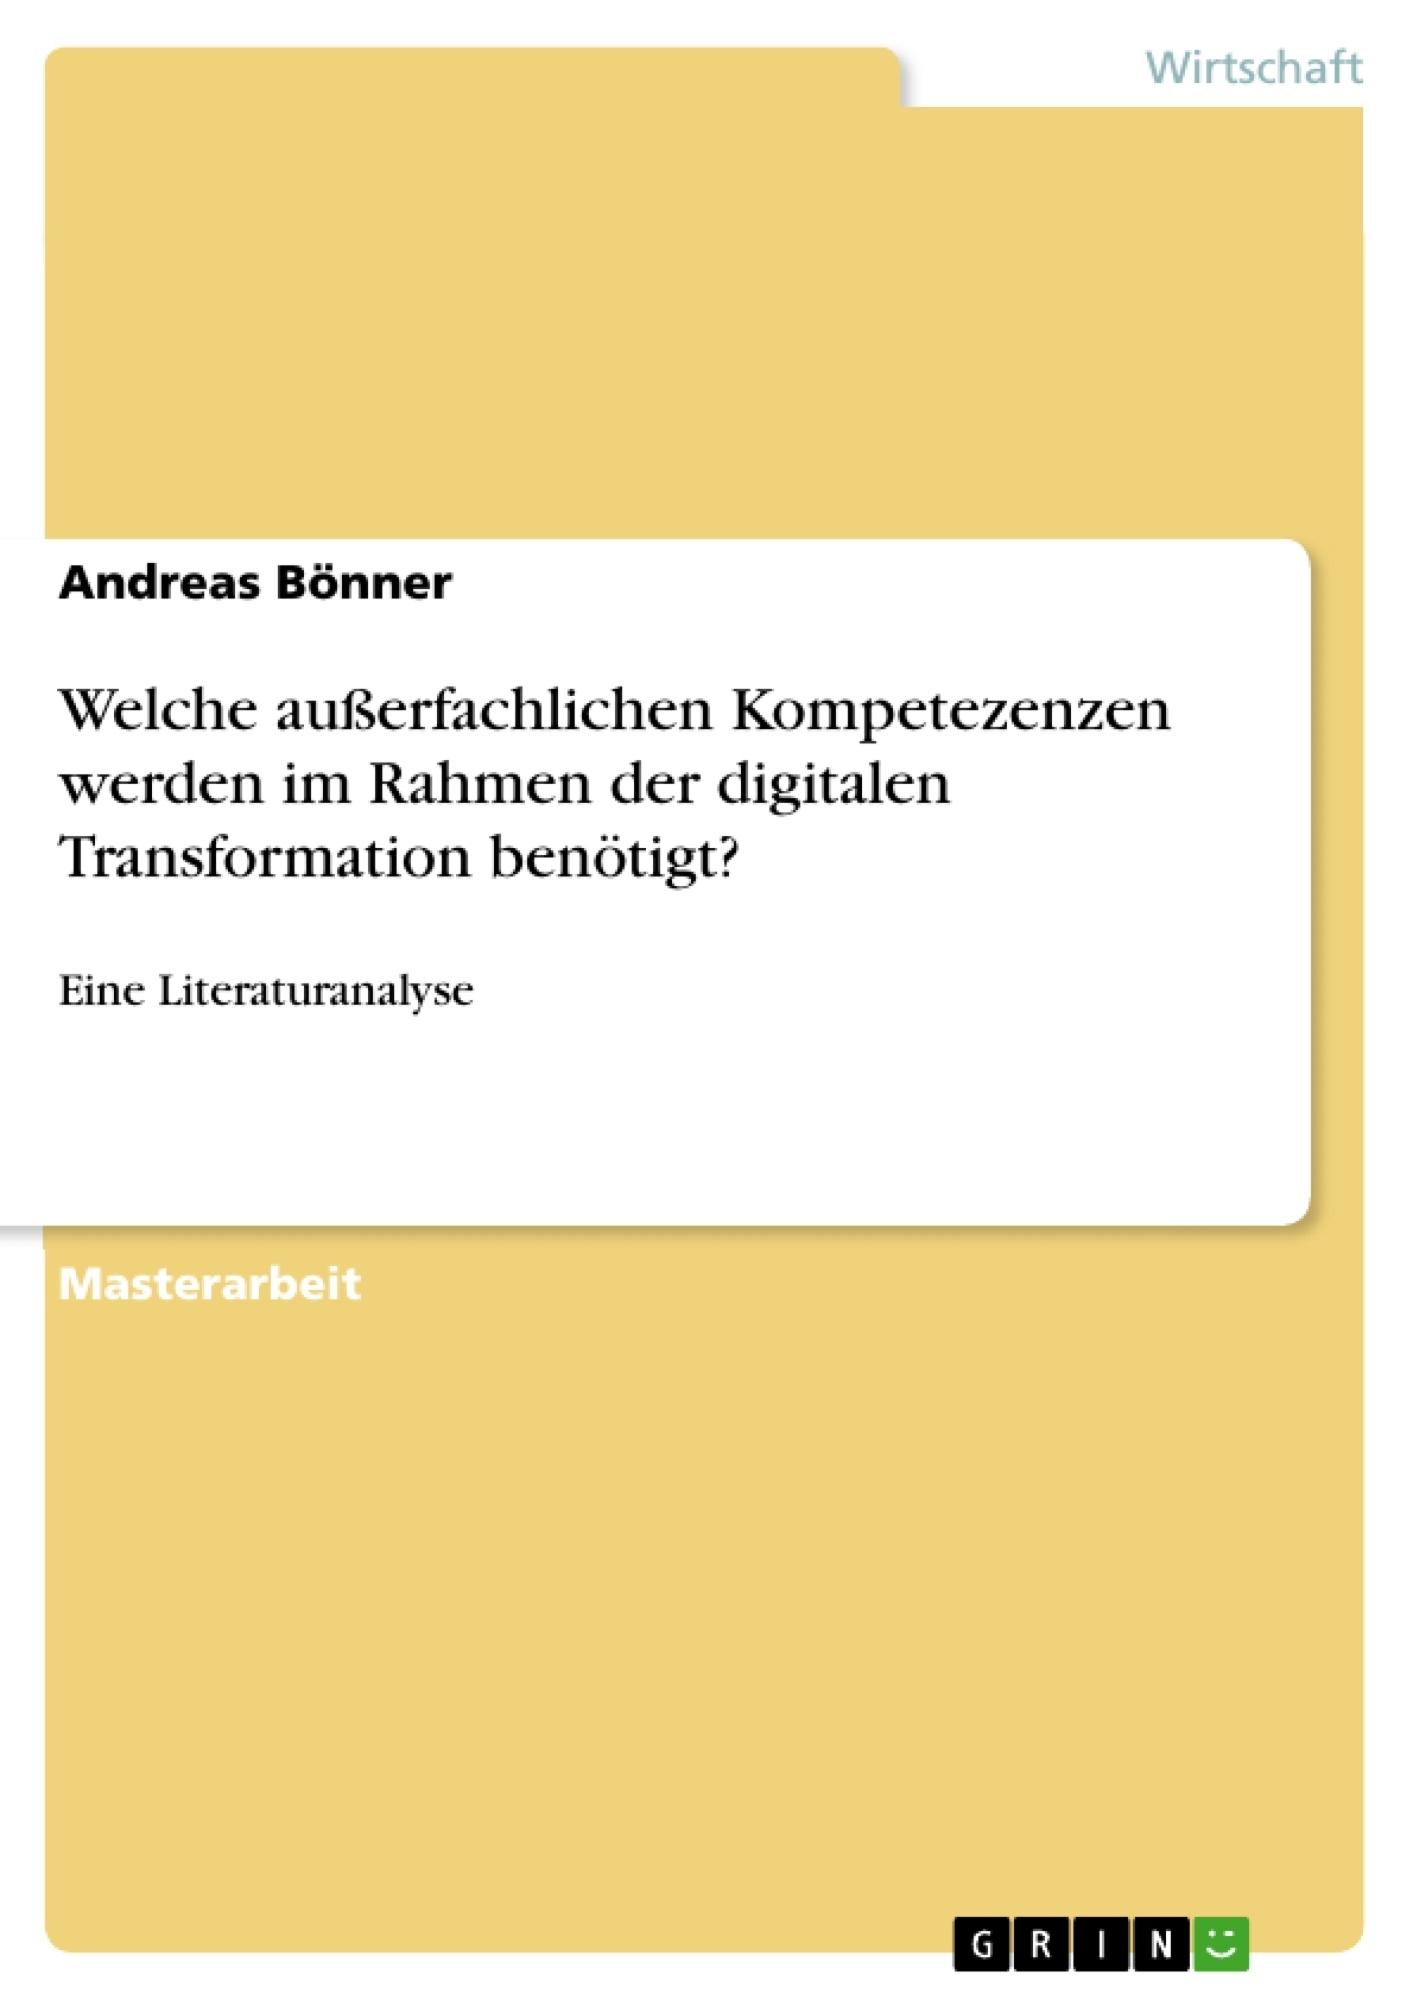 Titel: Welche außerfachlichen Kompetezenzen werden im Rahmen der digitalen Transformation benötigt?